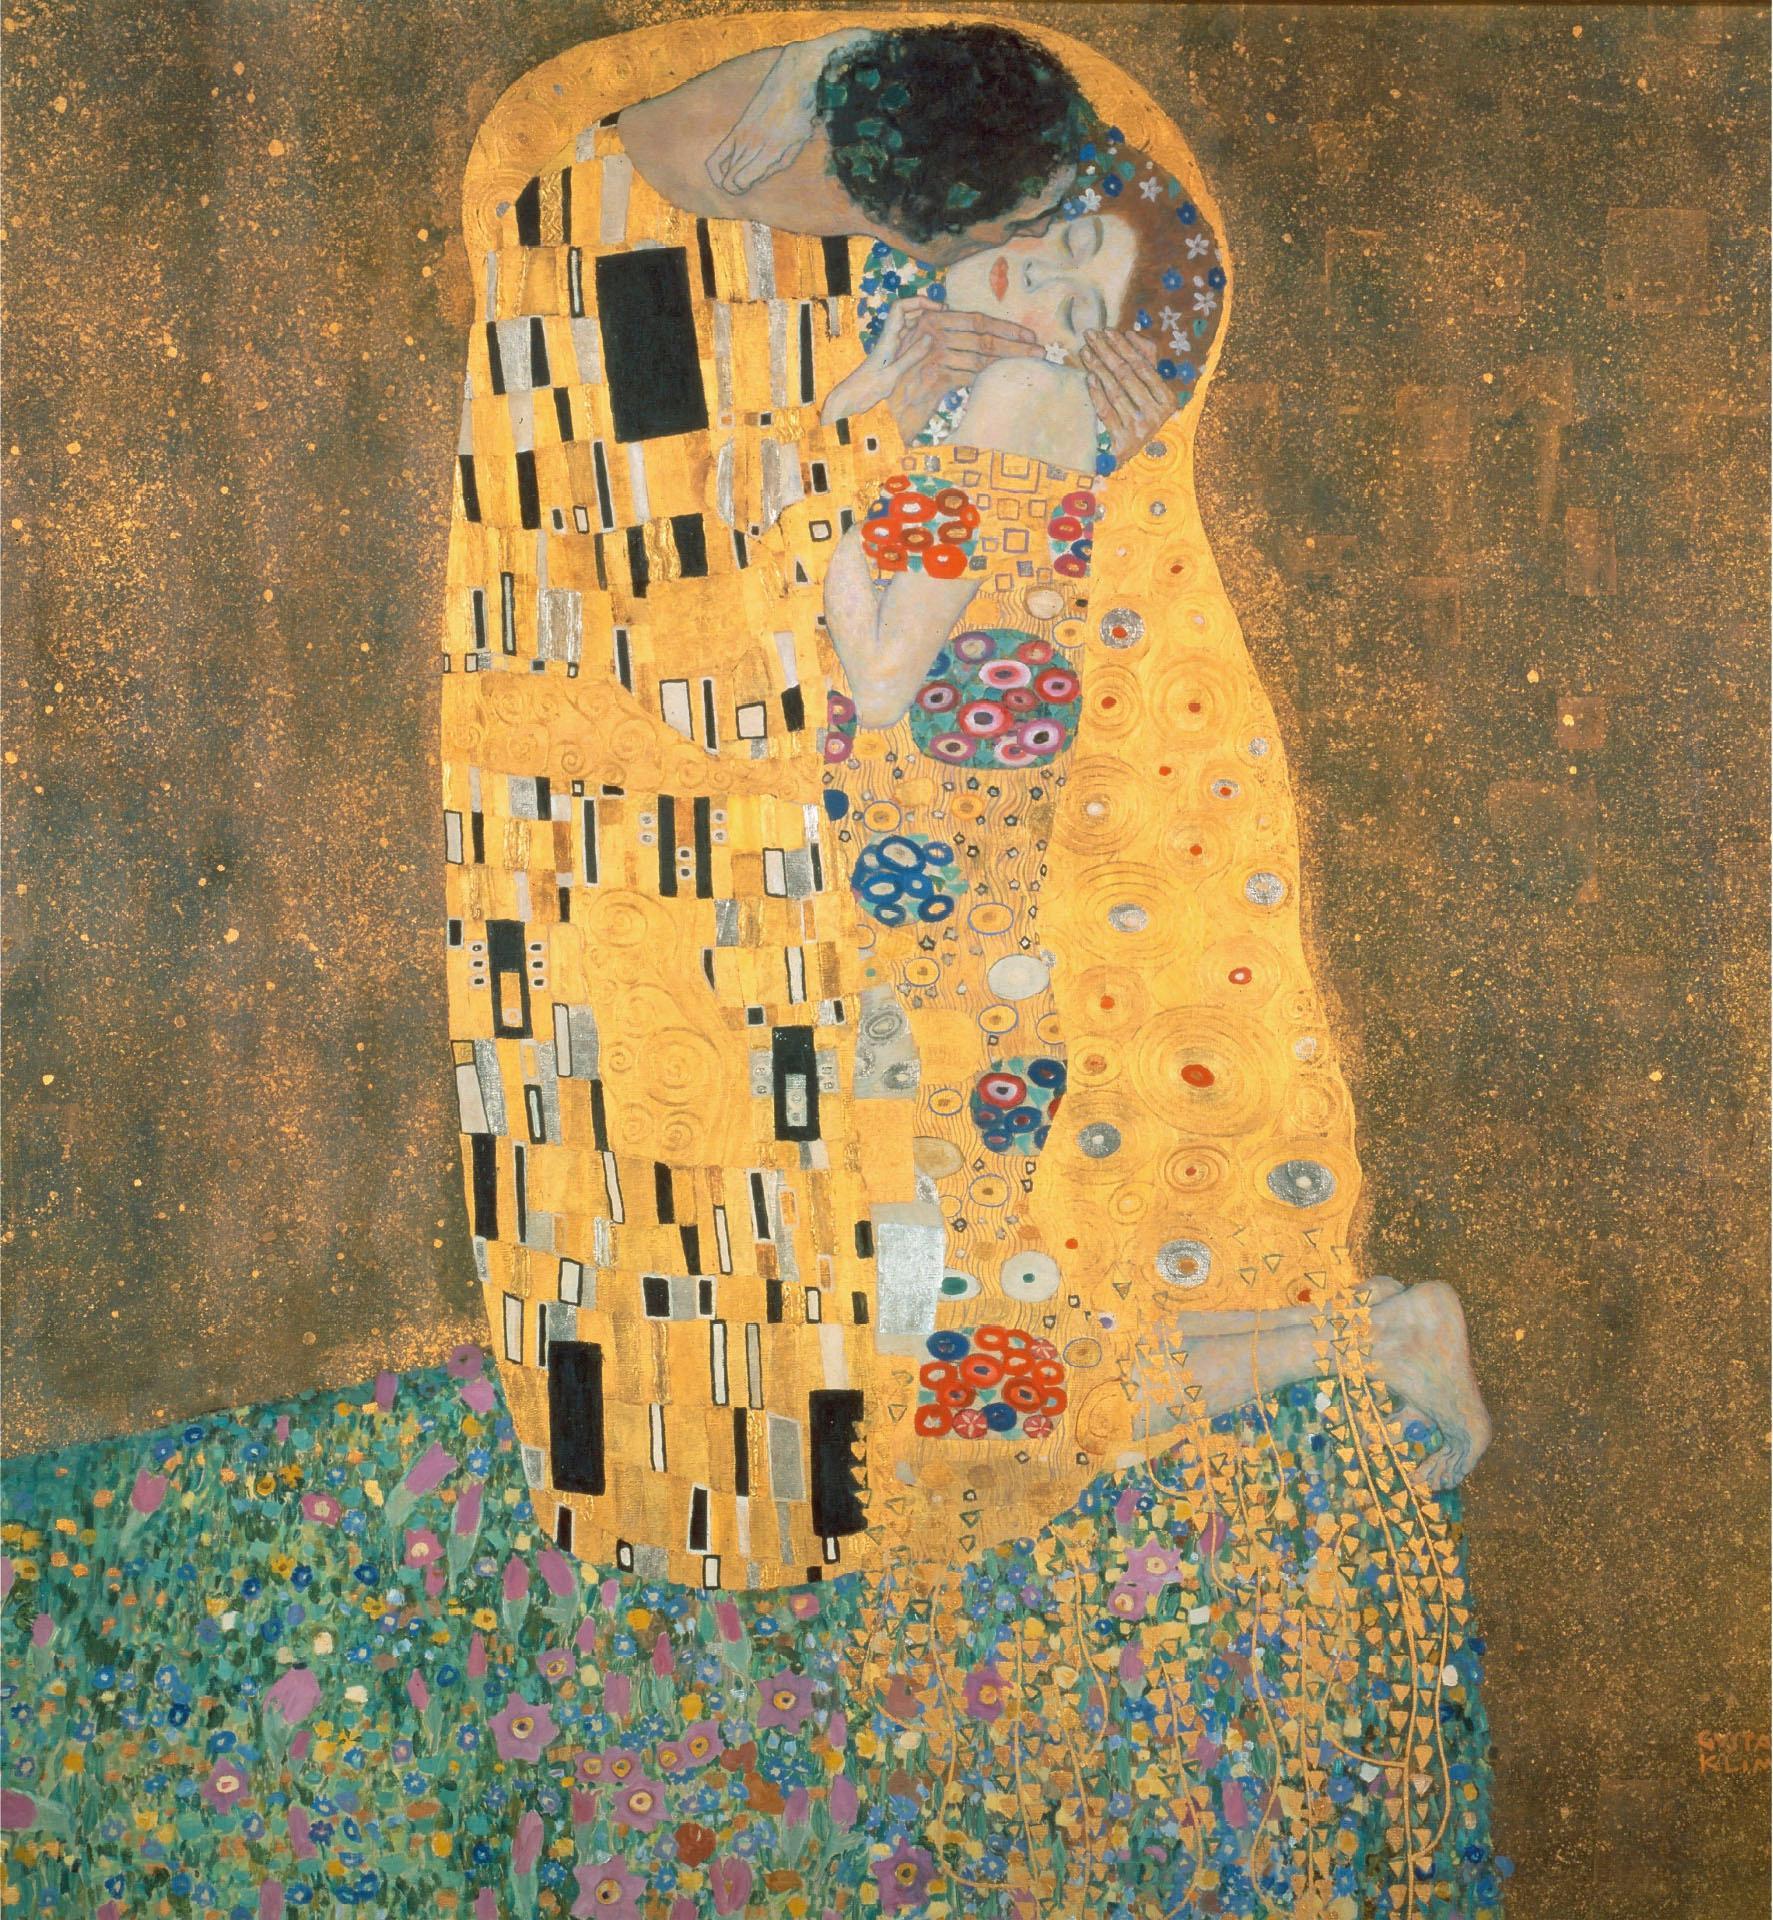 Fototapete Klimt - Der Kuss 240/260 cm Wohnen/Accessoires & Leuchten/Wohnaccessoires/Tapeten und Bordüren/Fototapeten/Fototapeten Natur